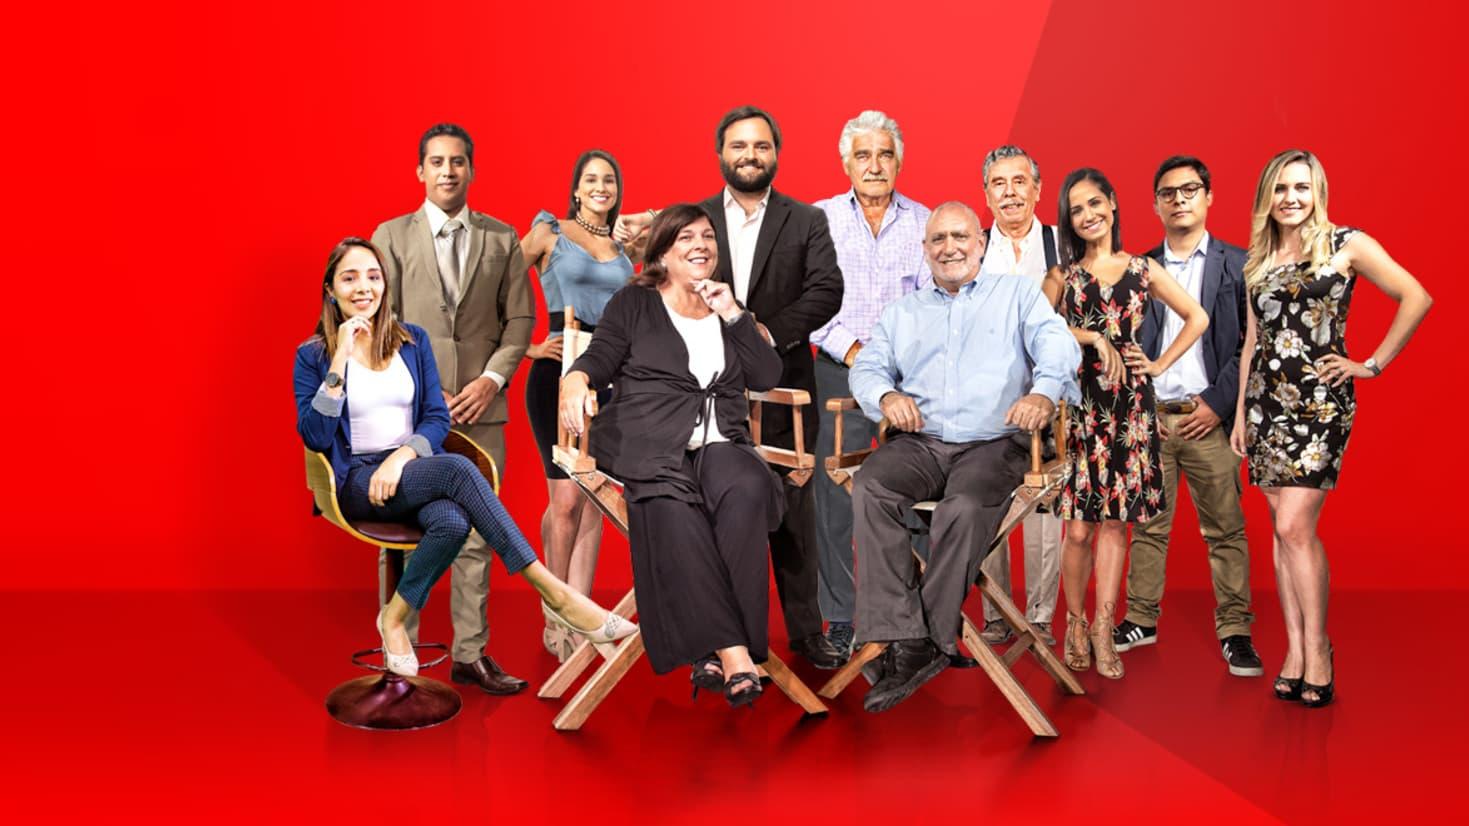 RTV televisión en tus manos; es un nuevo canal digital vía streaming con programas de potente contenido periodístico que llevan el ADN del diario La República.